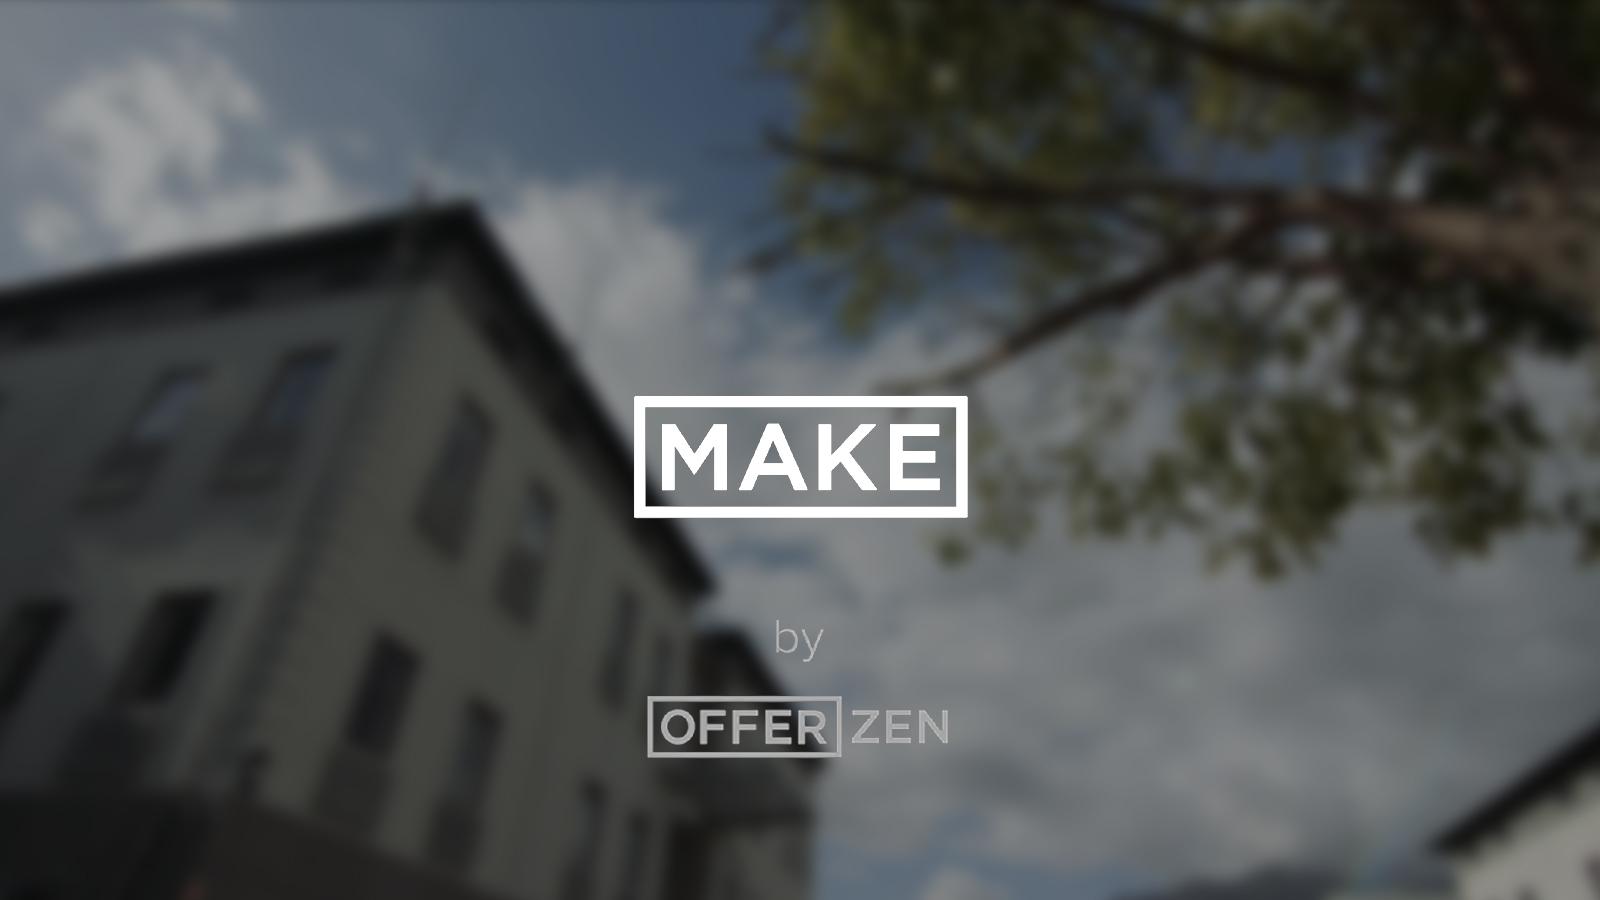 Make by OfferZen